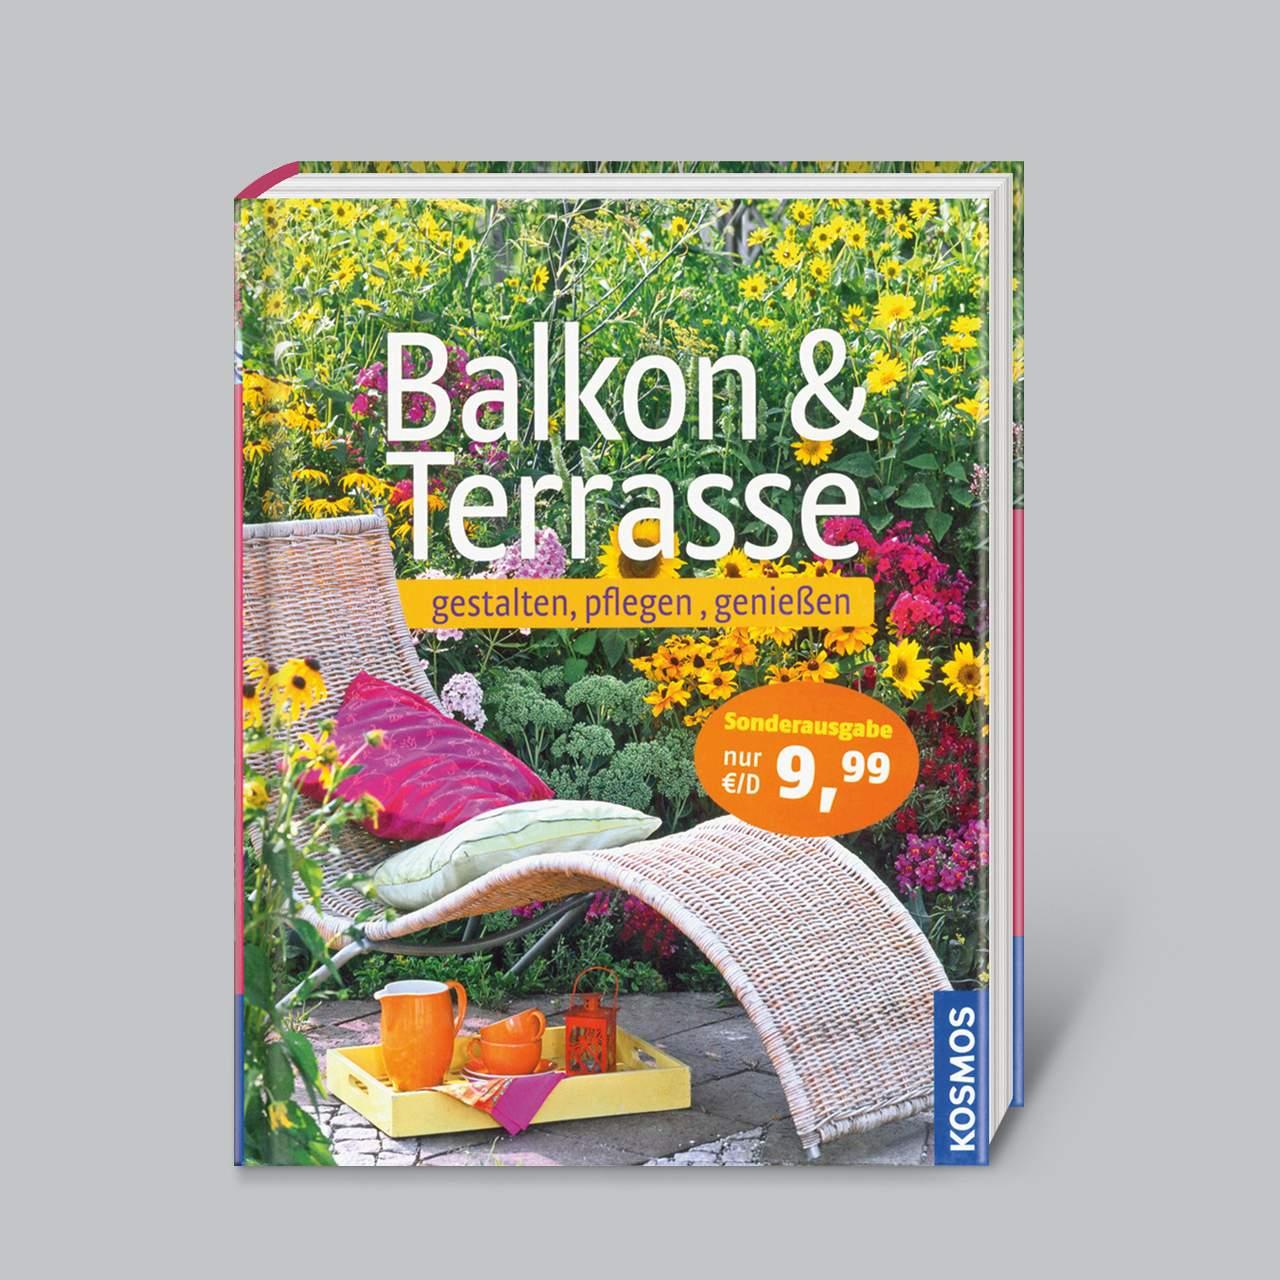 Garten Gestalten Einfach Neu Balkon & Terrasse Gestalten Pflegen Genießen